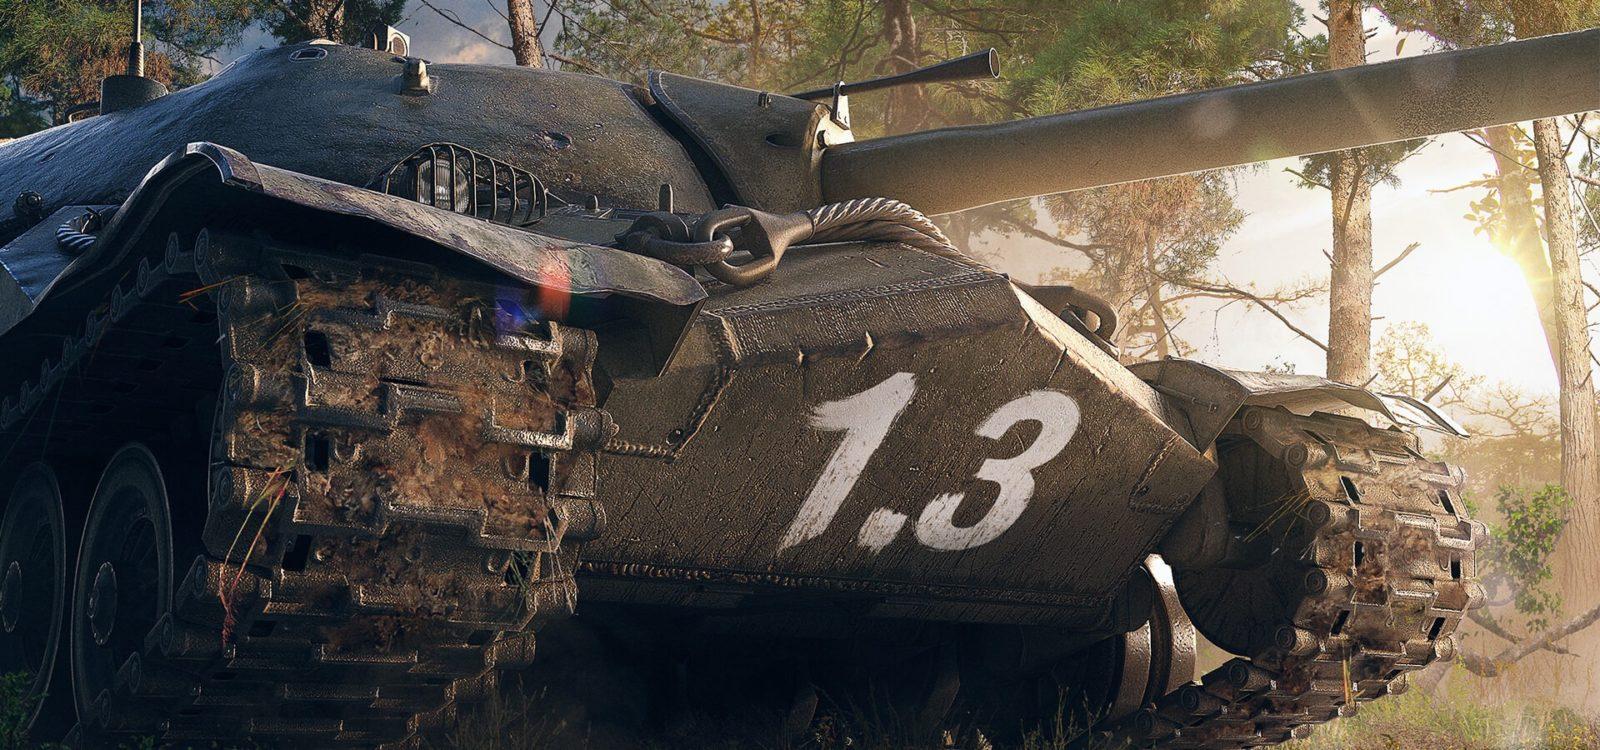 Как изменится внешний вид танков в WoT 1.3?